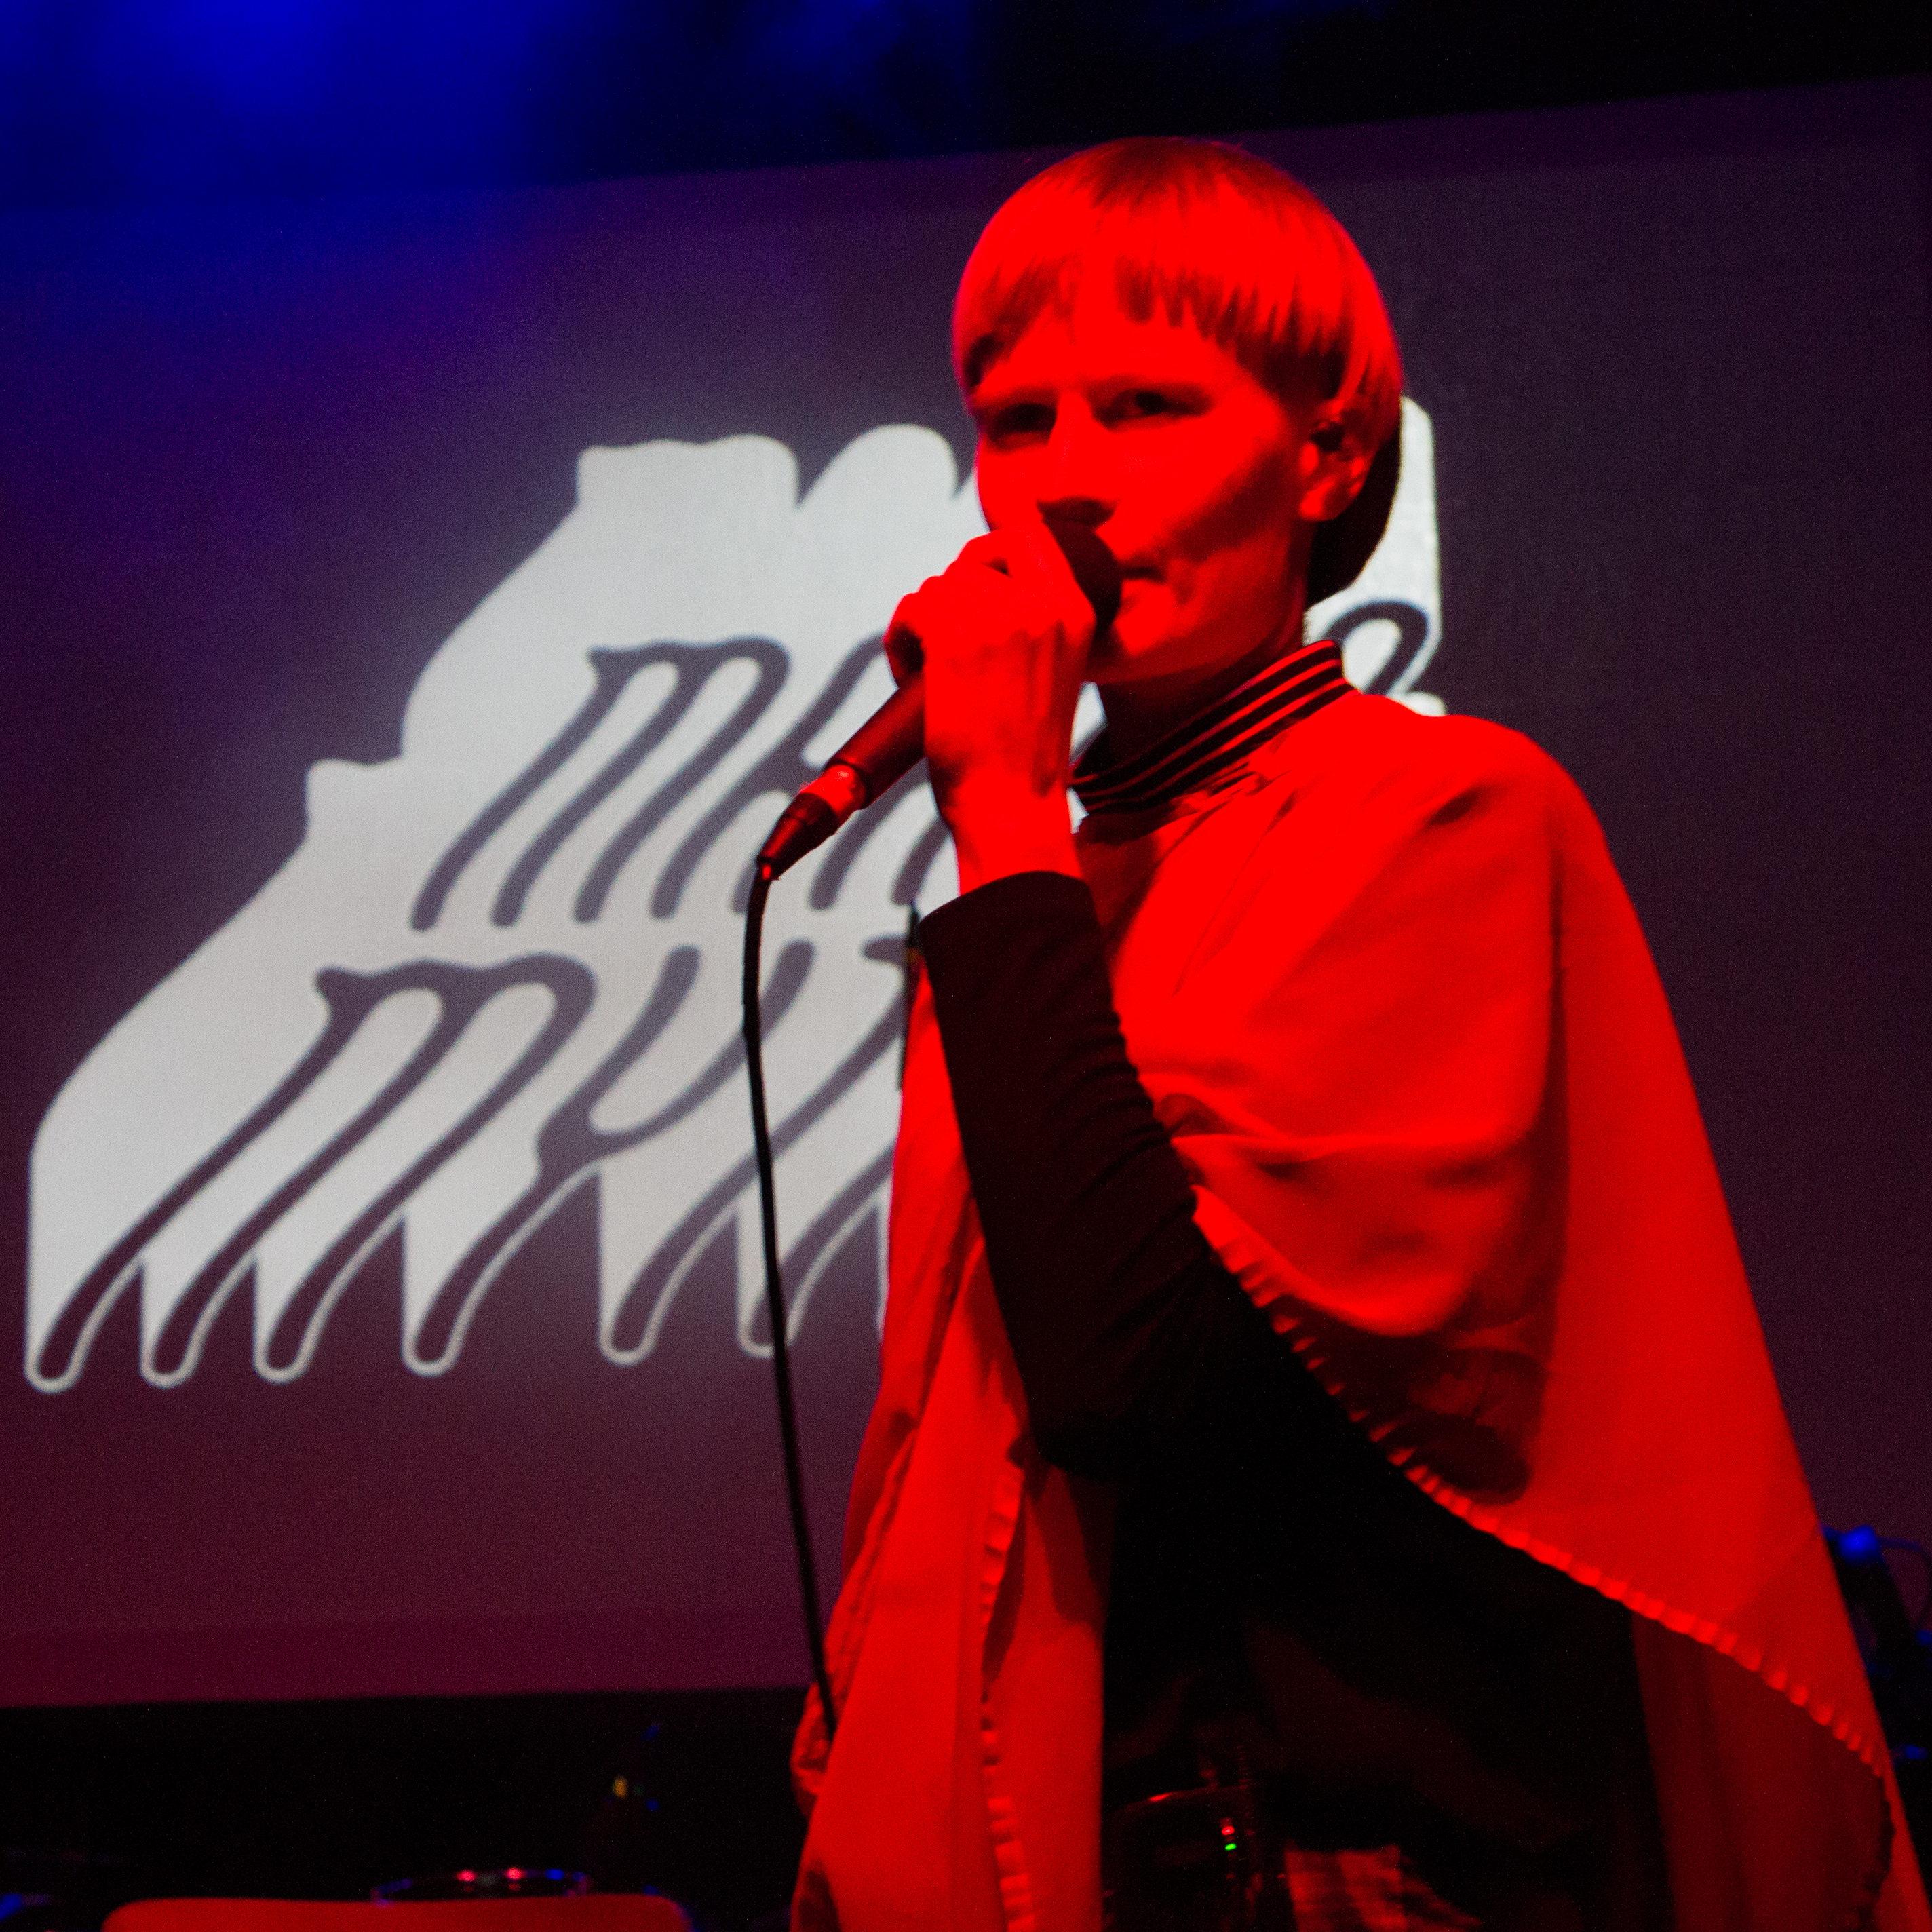 Jenny Hval @ Marfa Myths 3/11/17 - photo by Demir Candas